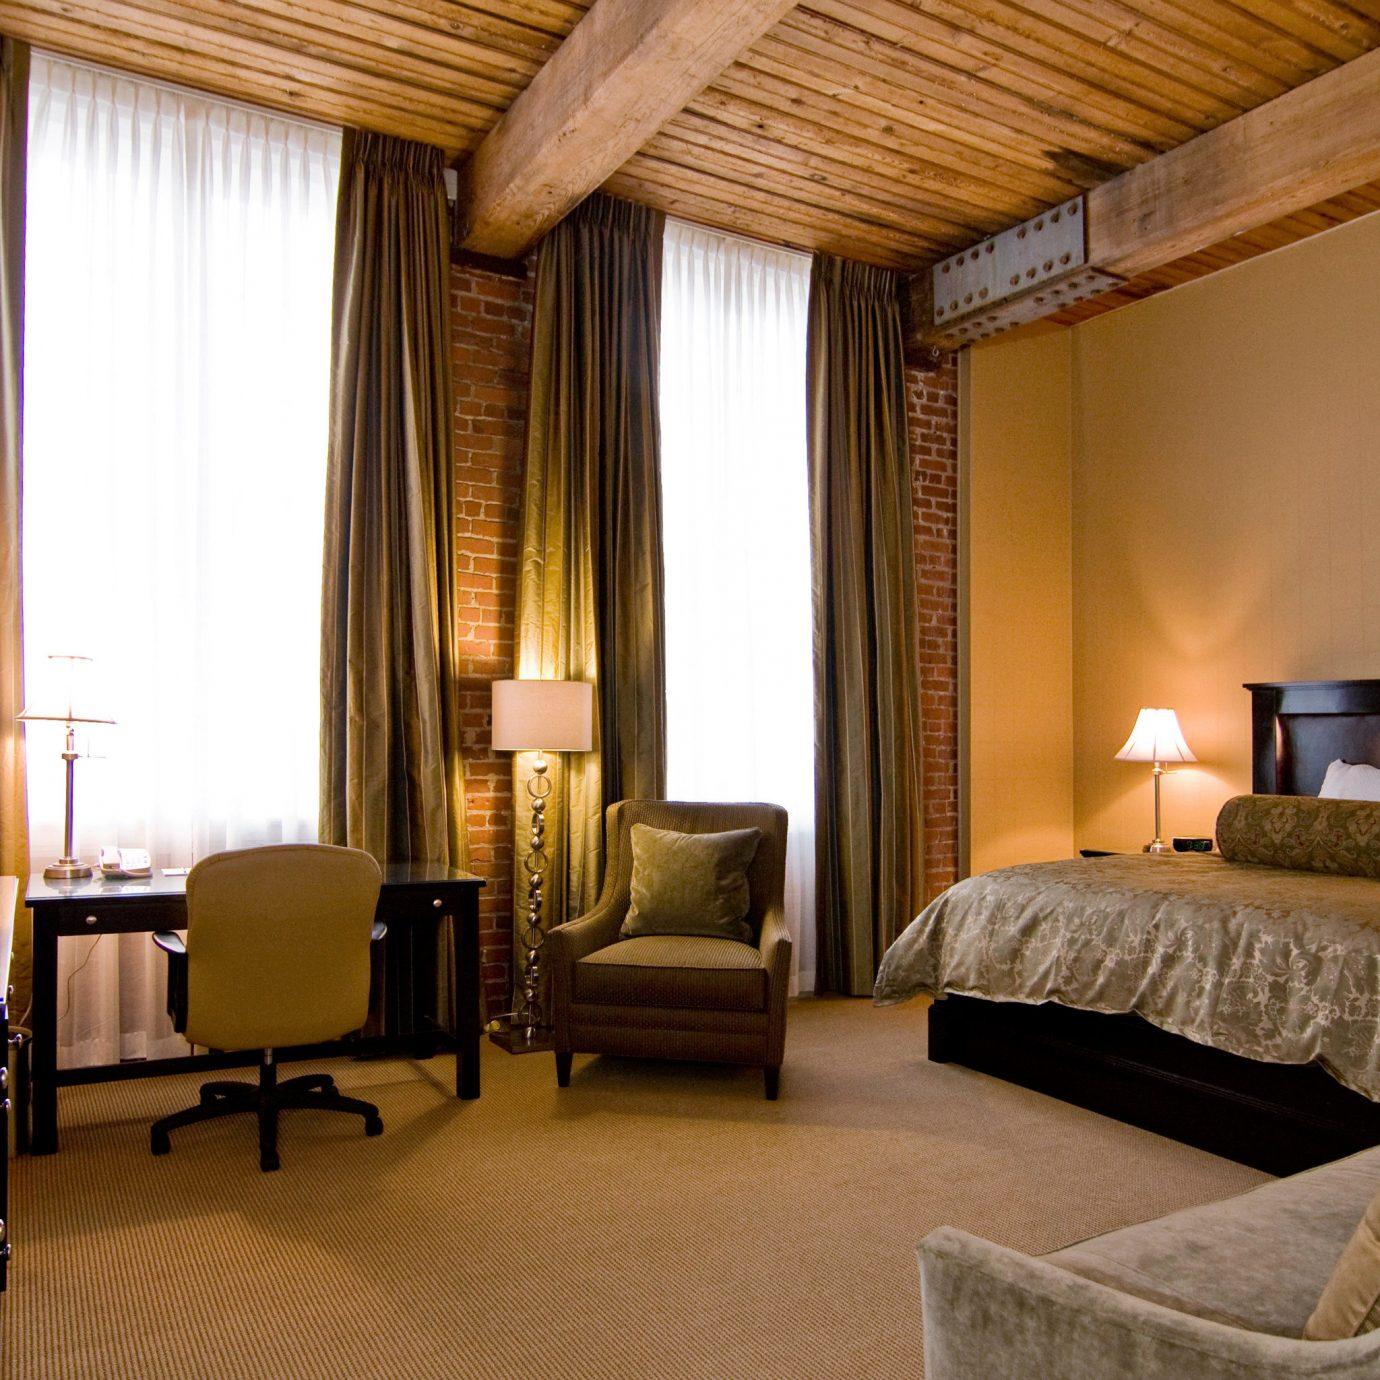 Bedroom Elegant Lounge Modern sofa property Suite living room home Villa cottage Resort